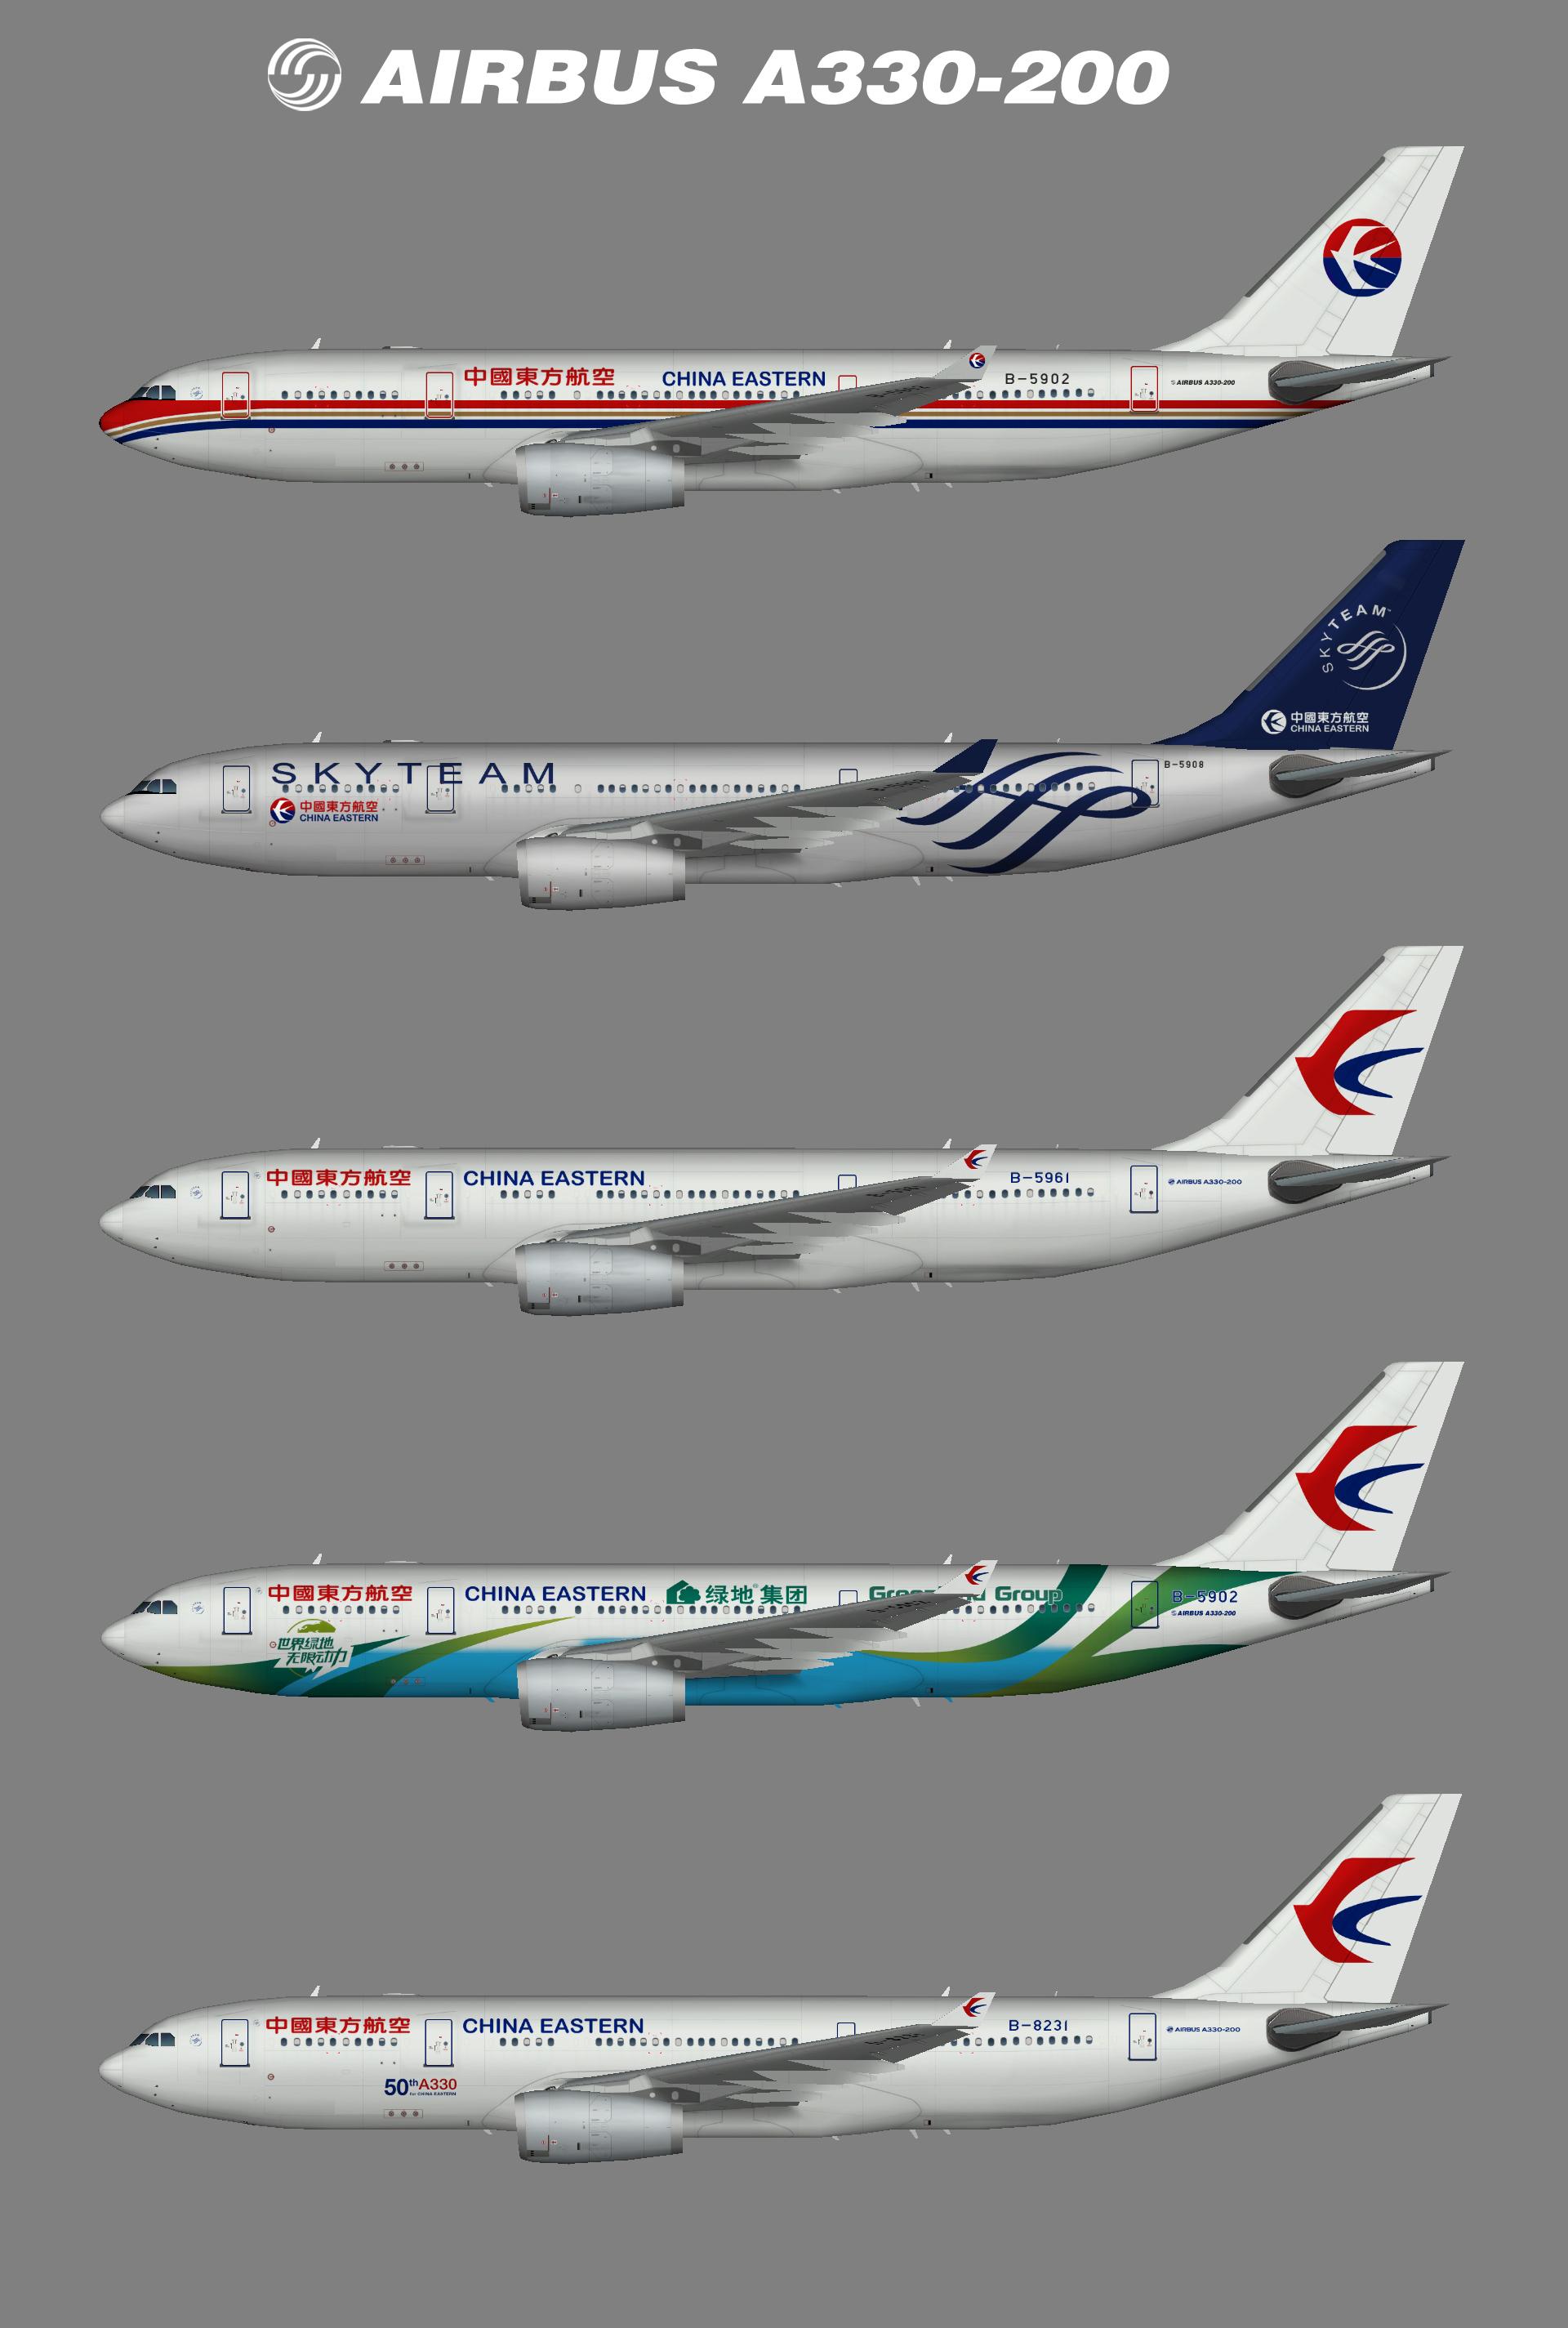 China Eastern A330-200